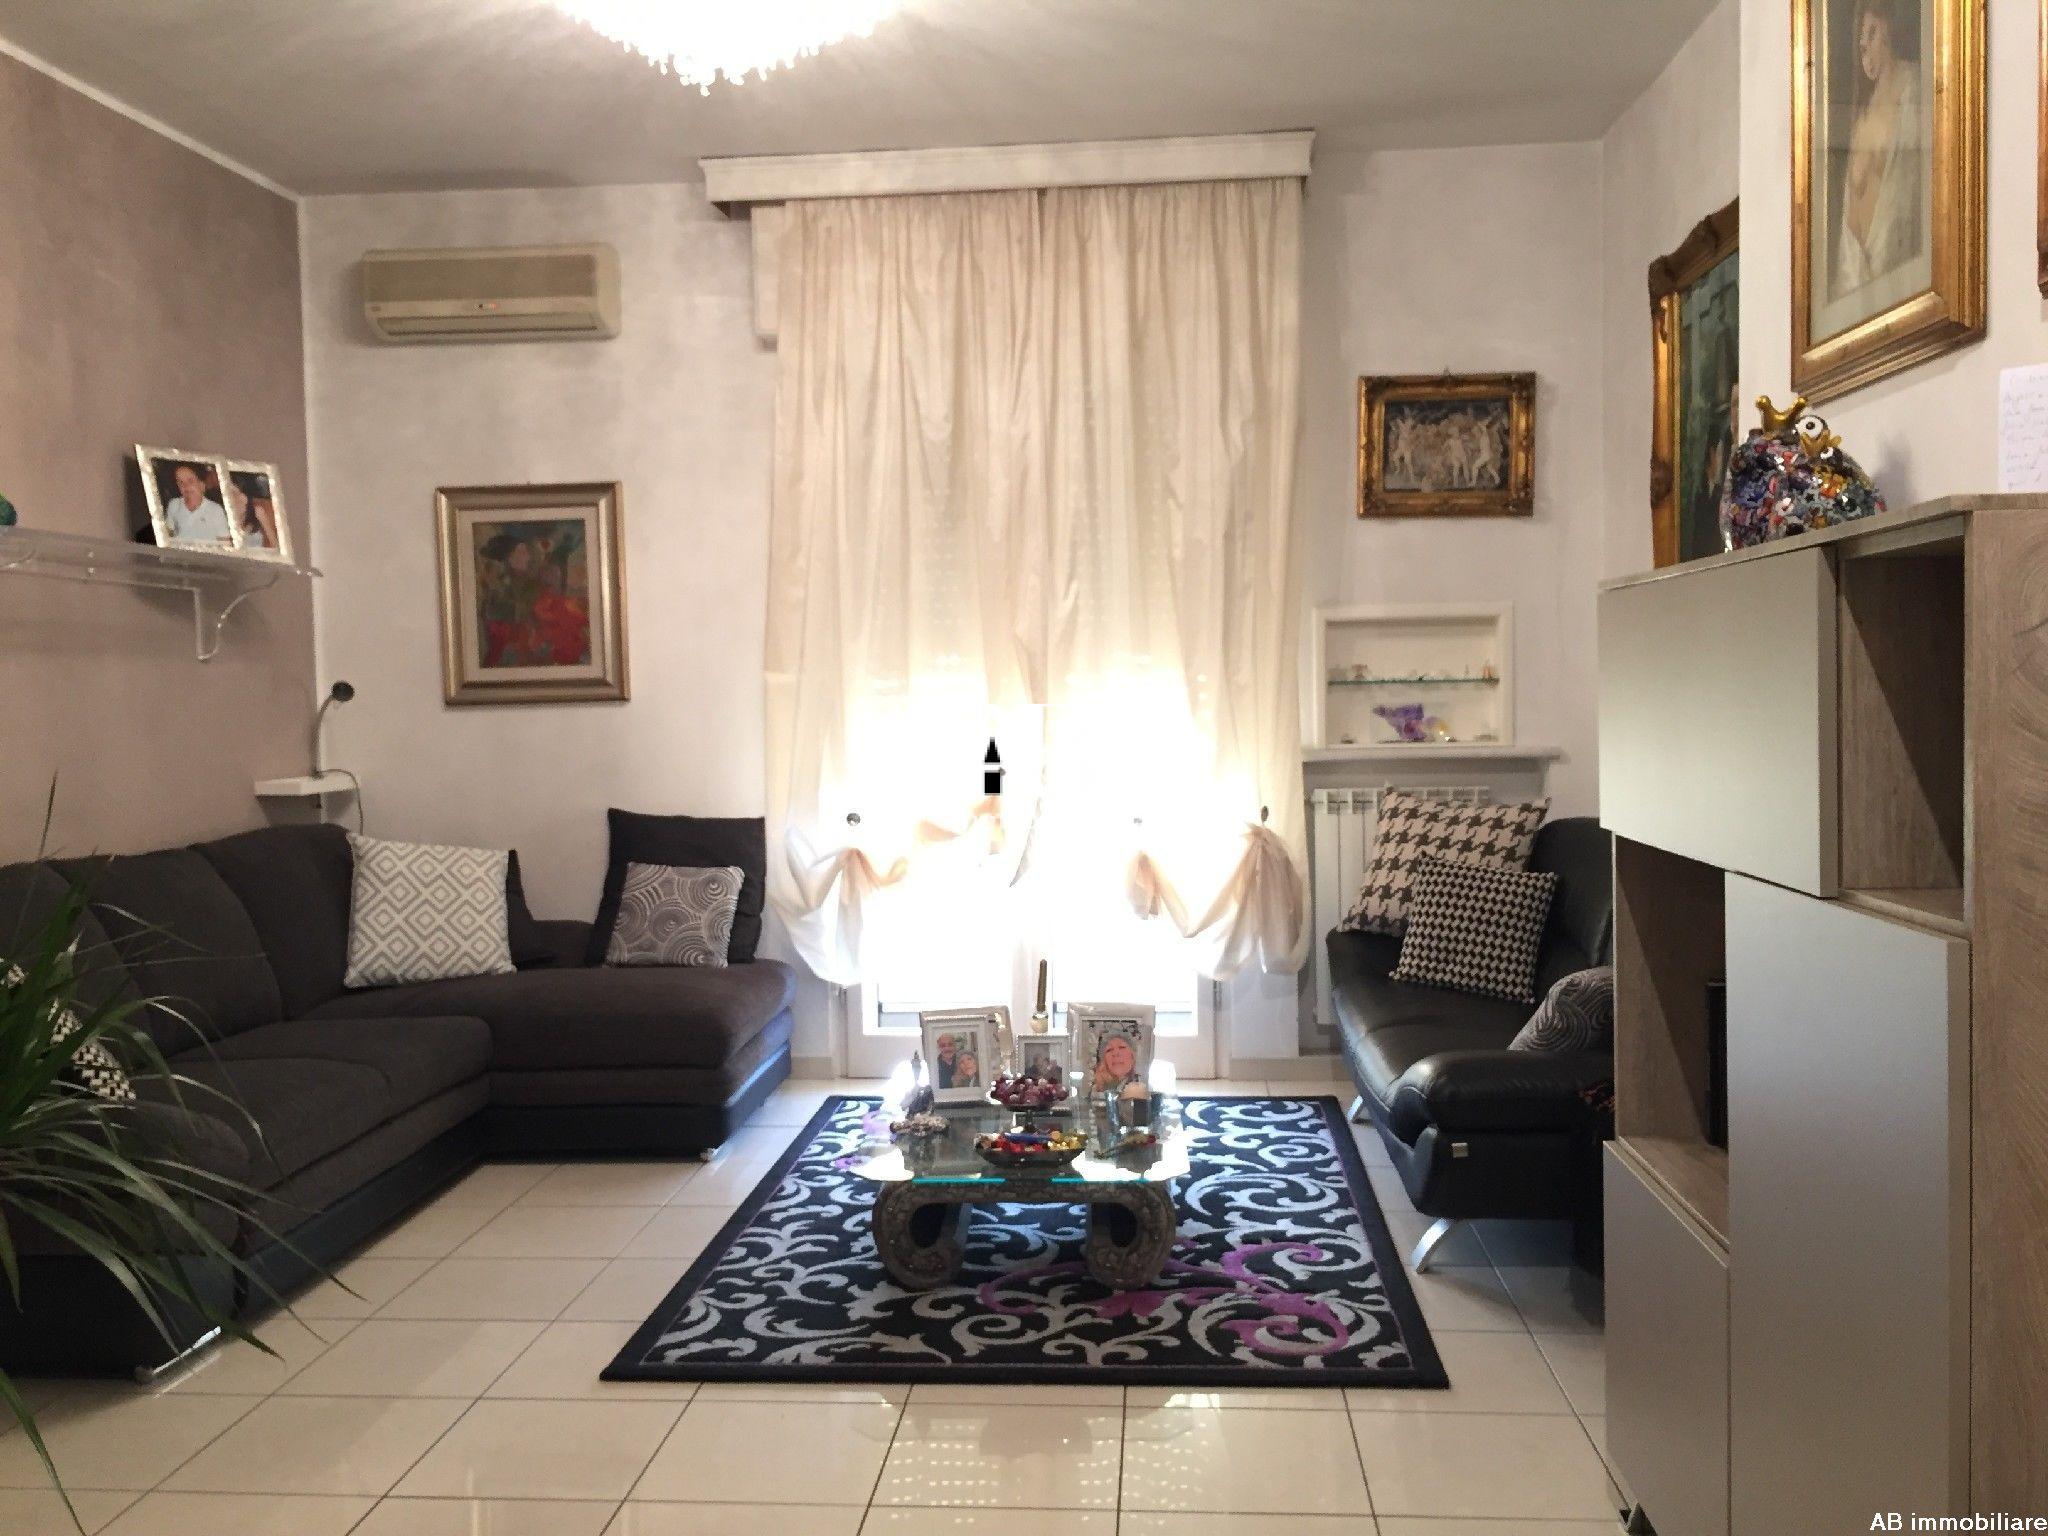 Appartamento ristrutturato con 2 camere e 2 bagni